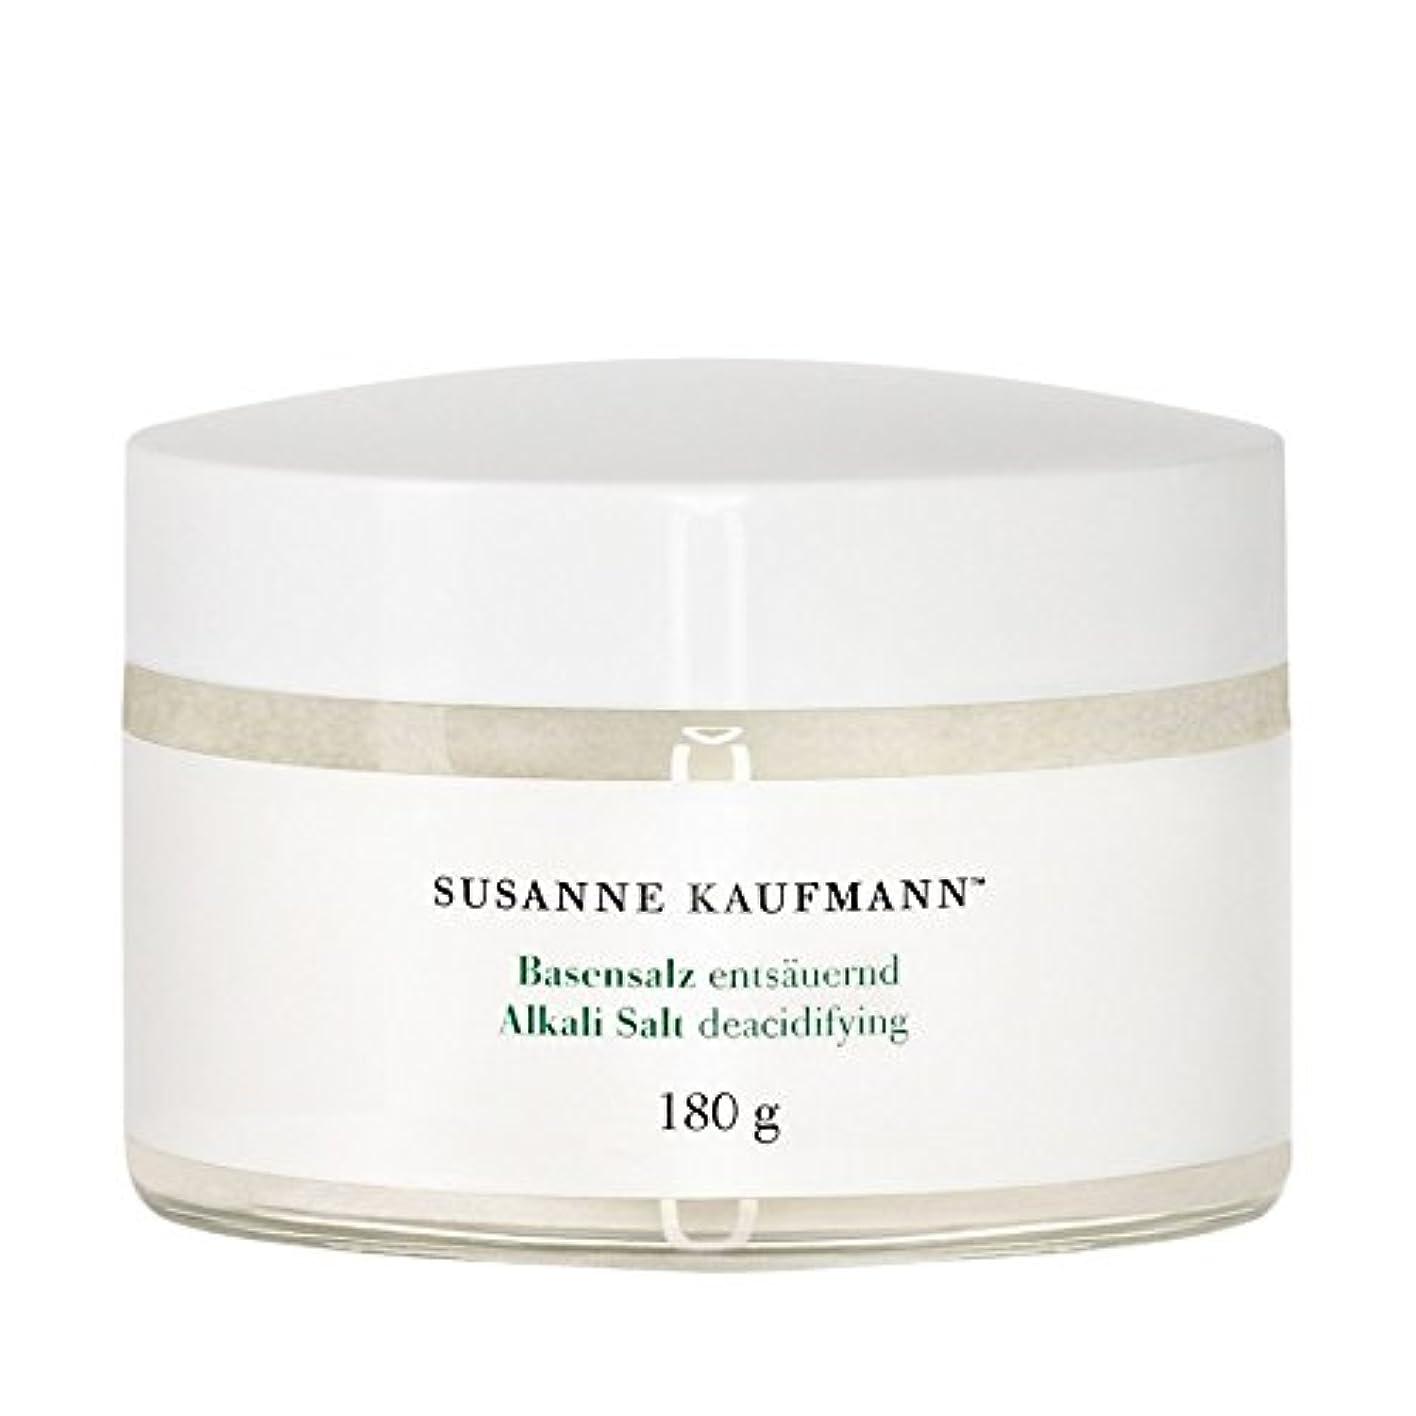 事務所パイプラインラベSusanne Kaufmann Alkali Salt 180g - スザンヌカウフマンアルカリ塩180グラム [並行輸入品]